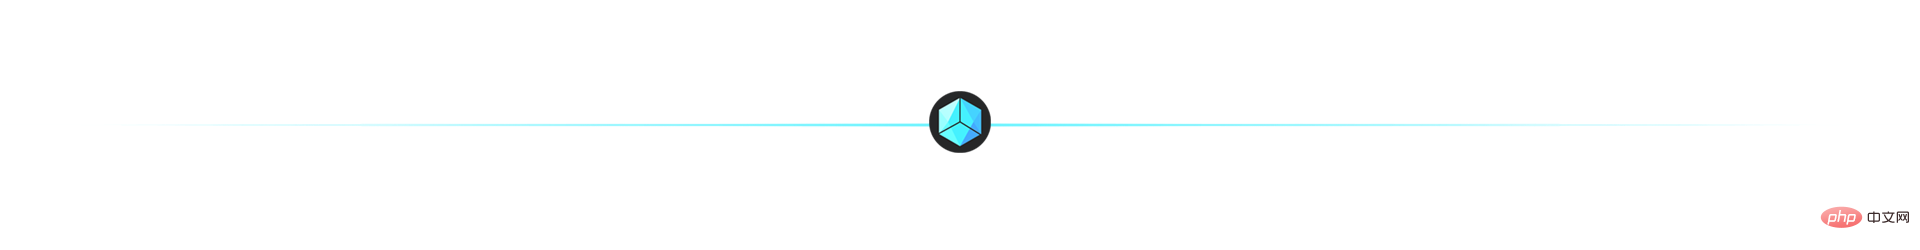 重学JavaScript 对象_编程技术_亿码酷站插图6